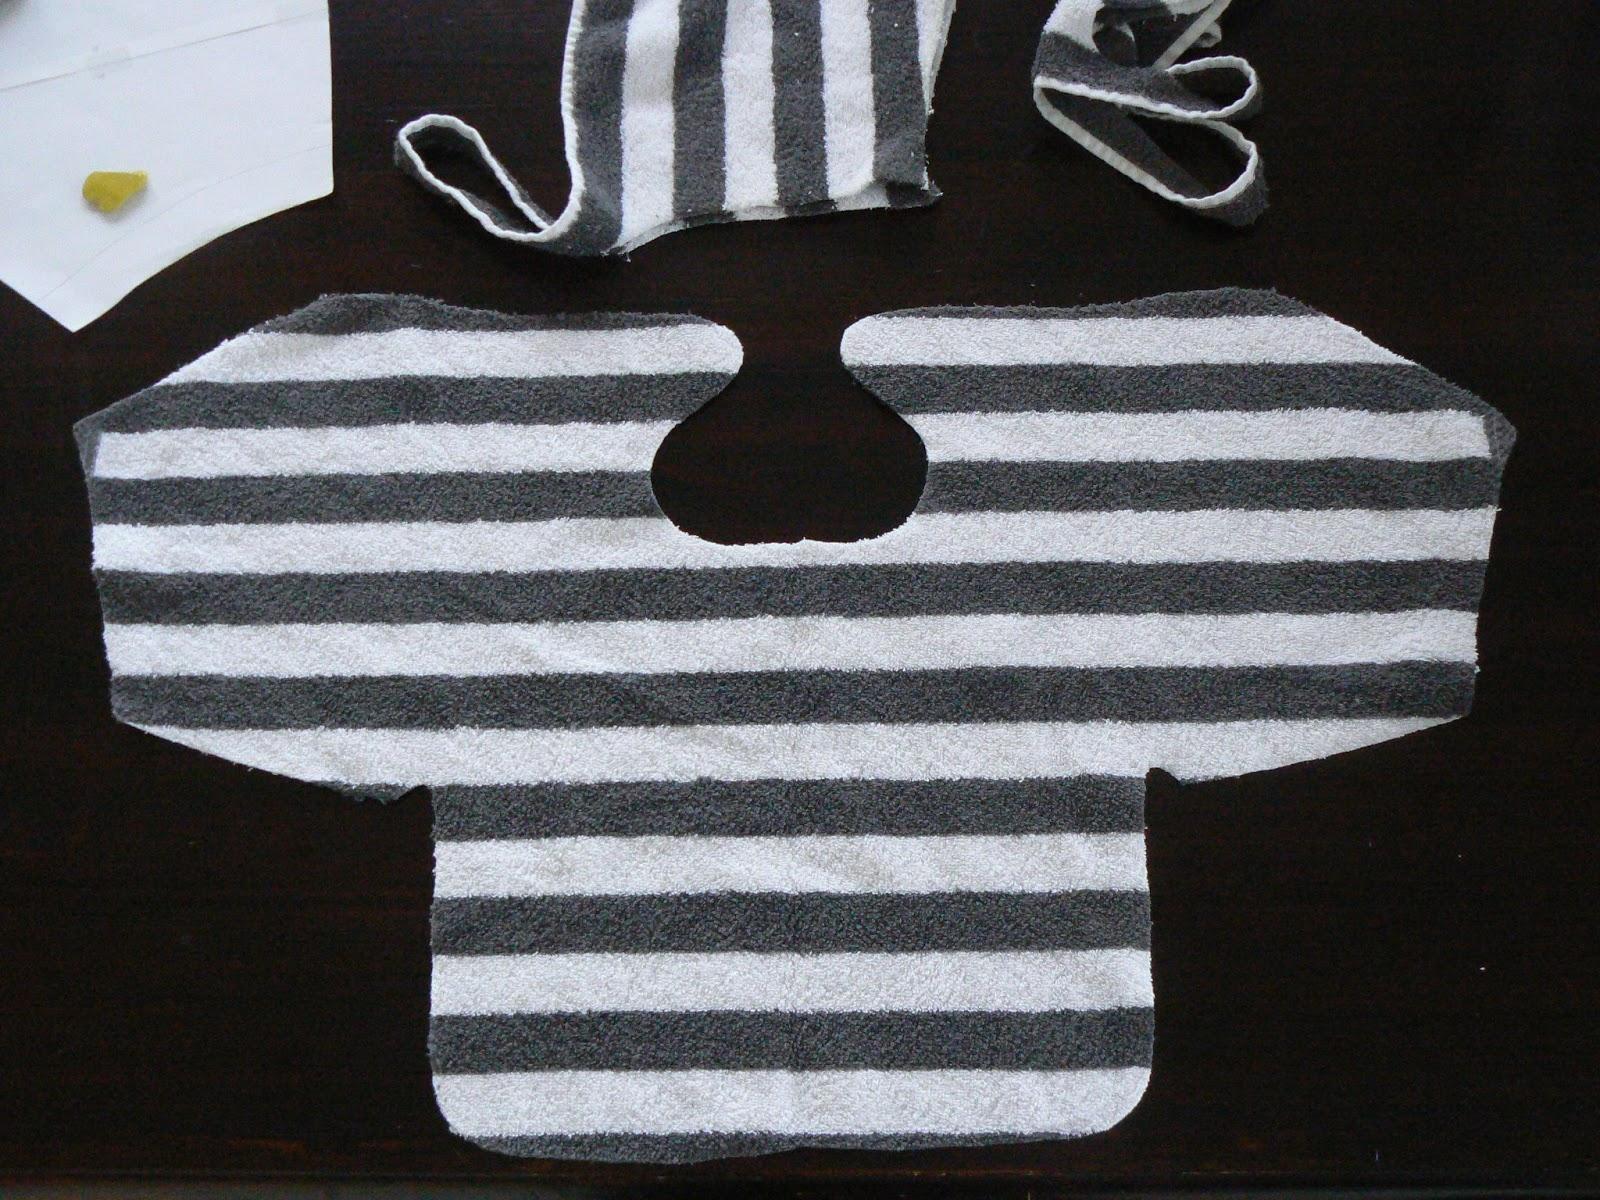 der pinke affe rmell tzchen praktisch und trotzdem stylisch. Black Bedroom Furniture Sets. Home Design Ideas